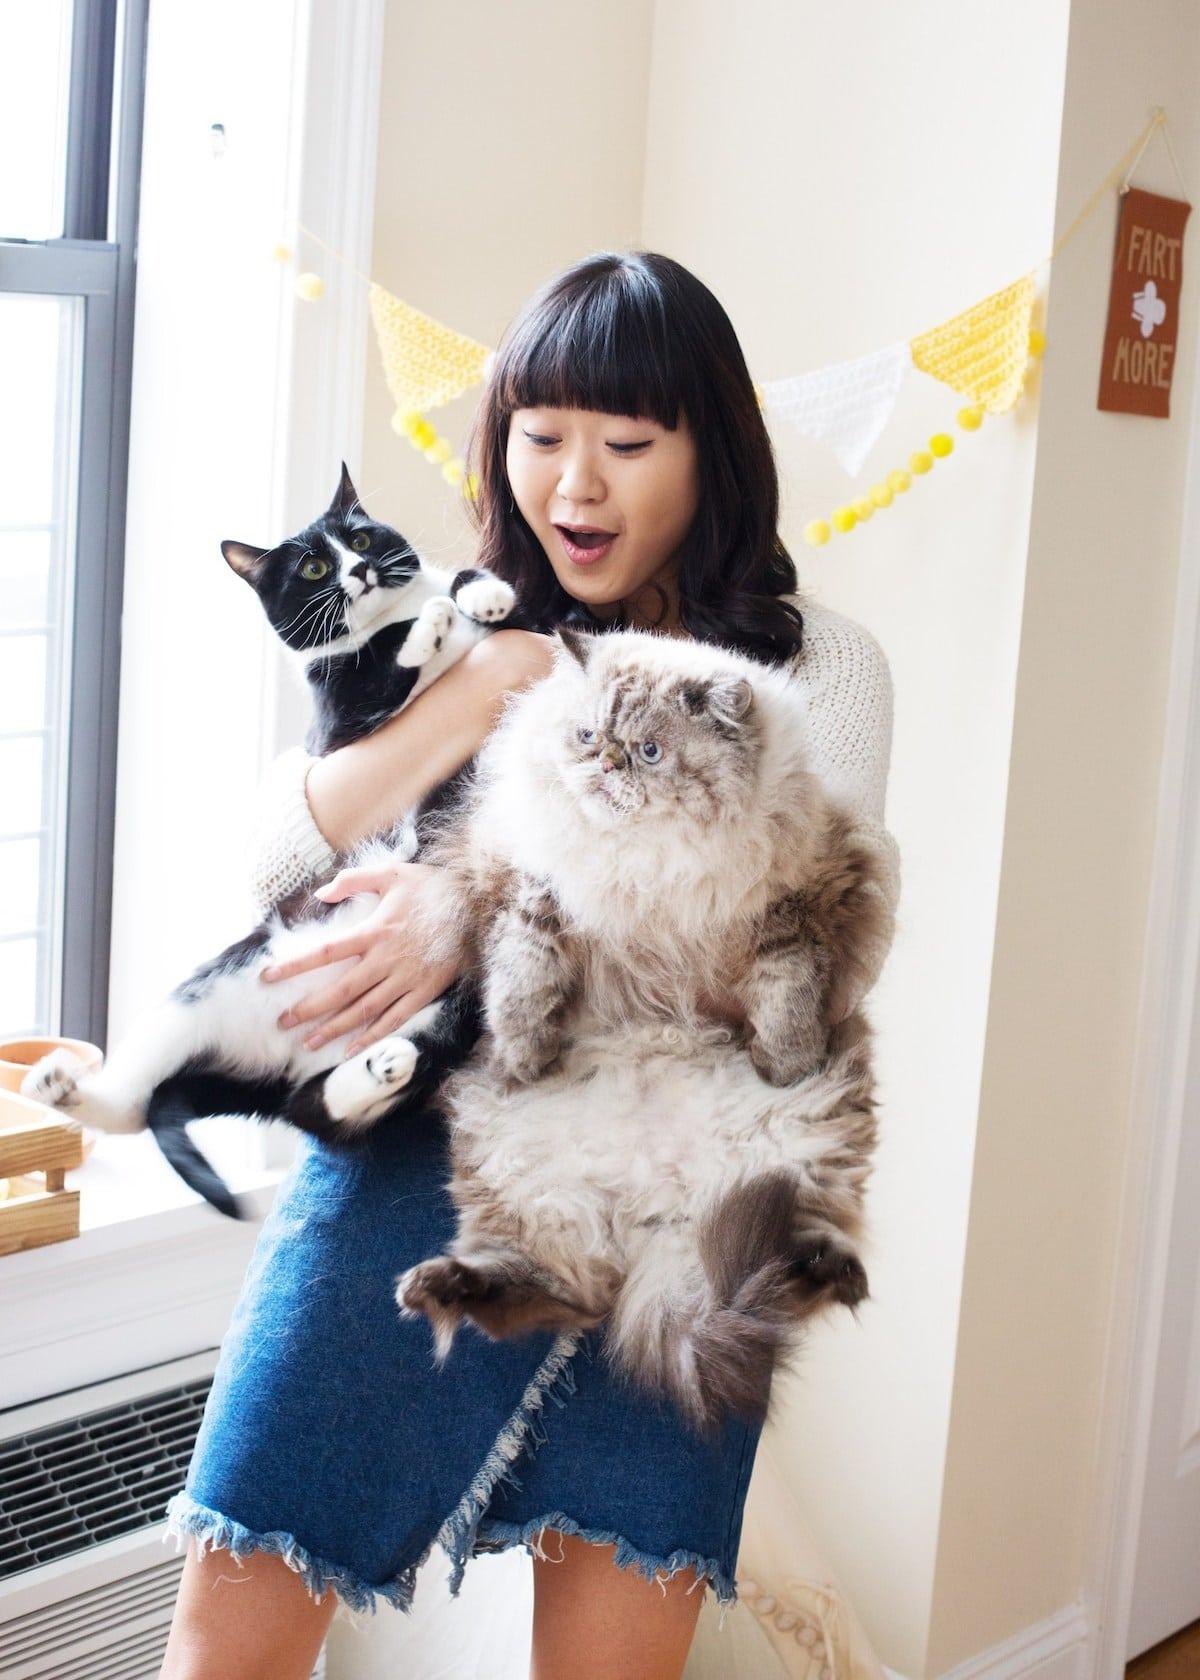 Los gatos son los mejores amigos de las mujeres